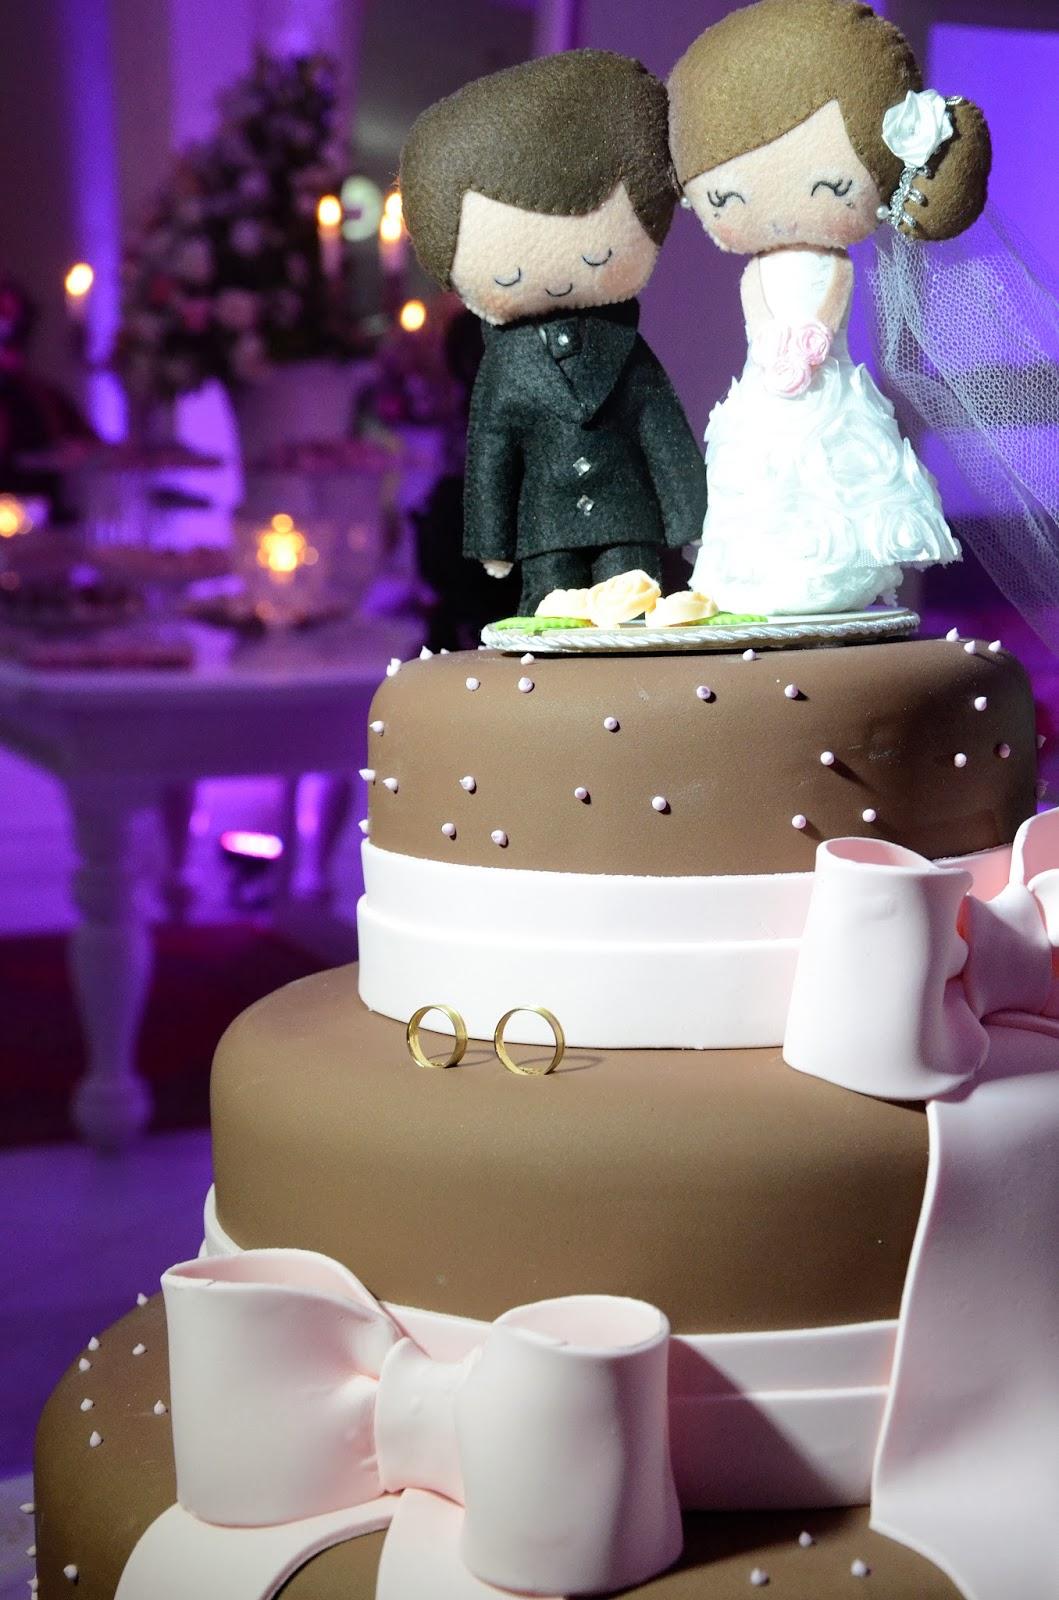 festa - recepção - bolo - bolo de casamento - topo de bolo - alianças - foto das alinaças - bolo marrom e rosa - bolo laço - topo de bolo fofo